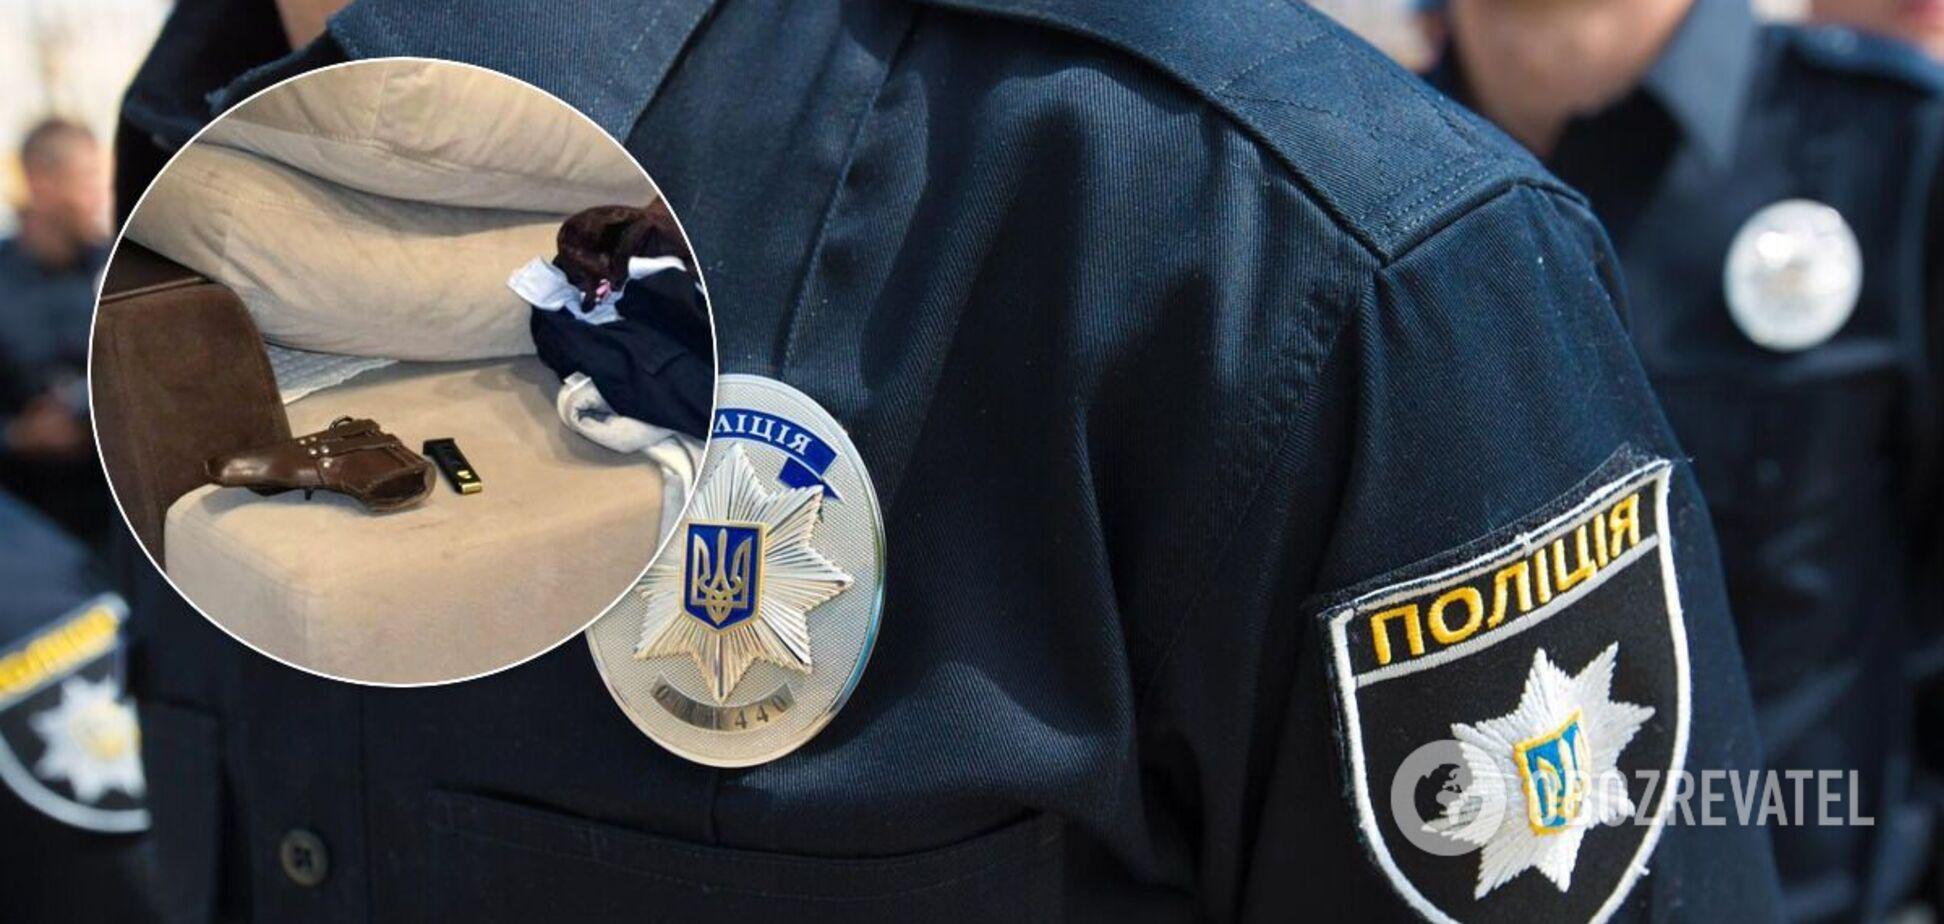 Женщине объявлено подозрение в убийстве мужа и покушении на дочь